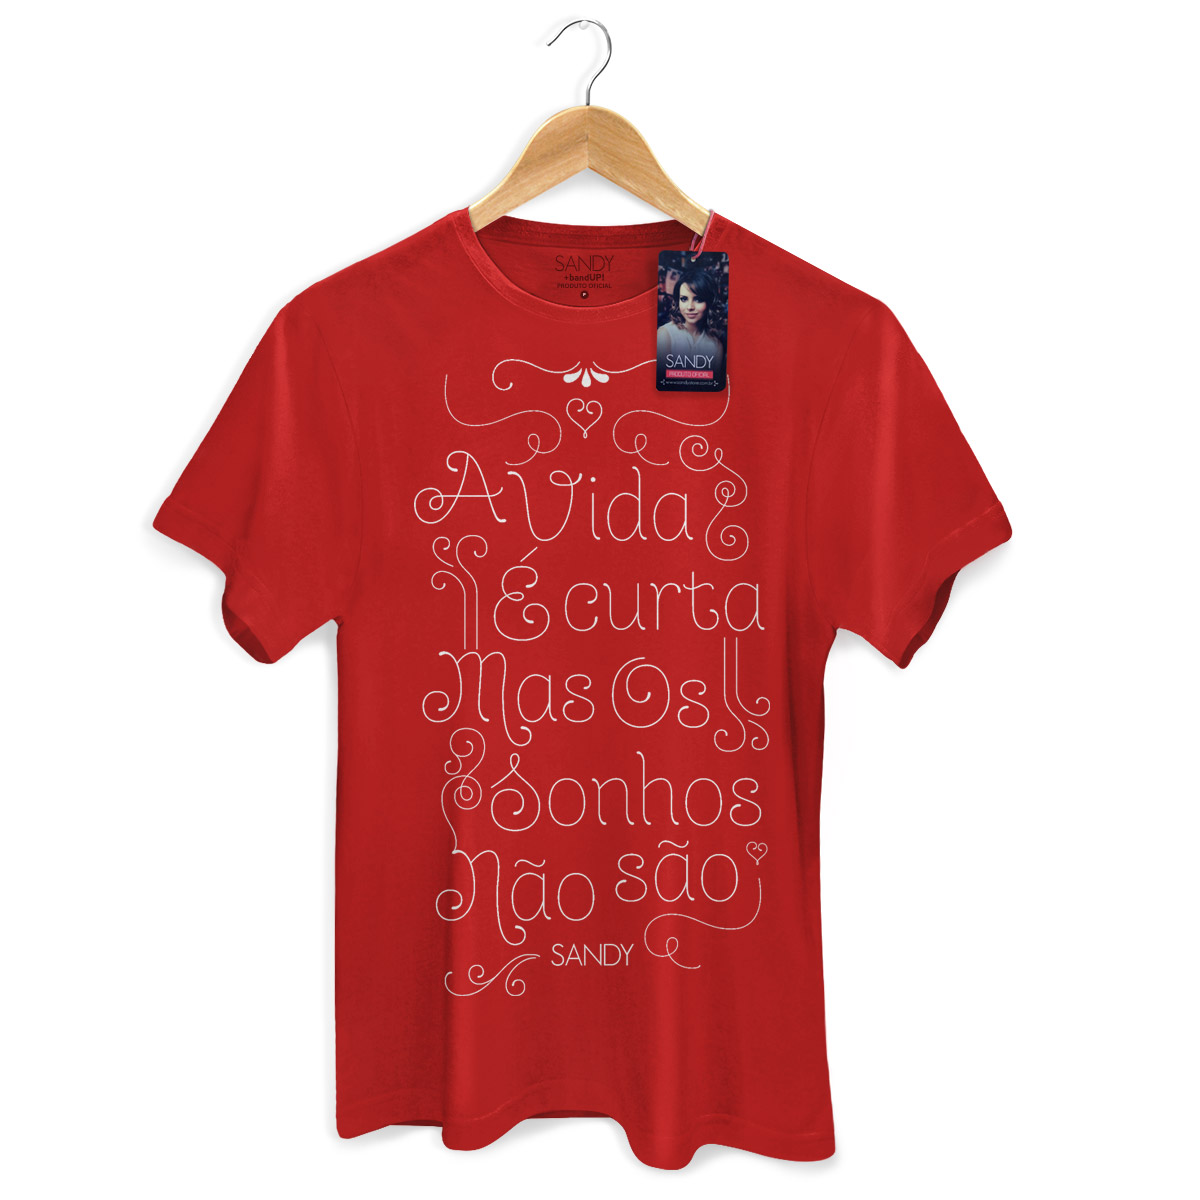 Camiseta Masculina Sandy A Vida e Curta Mas Os Sonhos Nao Sao Modelo 3